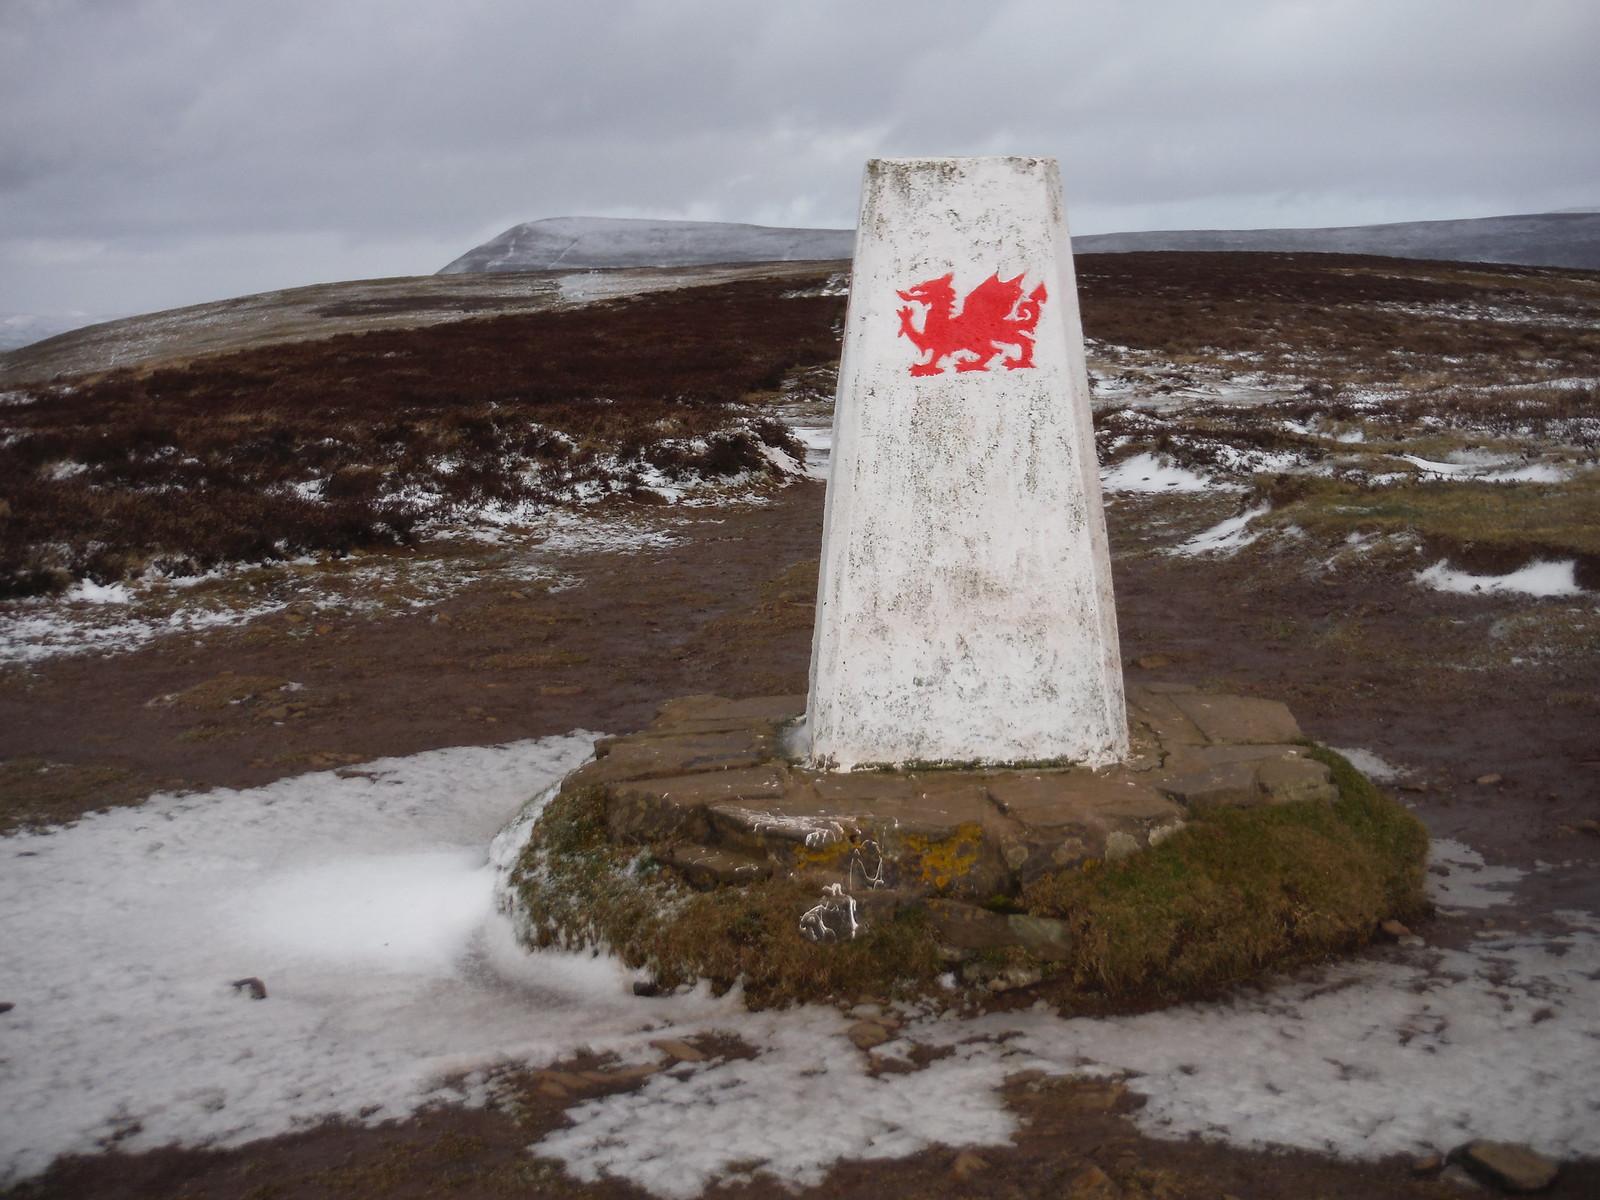 Trig Point on Mynydd Llangorse, with Mynydd Troed in distance SWC Walk 308 - Bwlch Circular (via Mynydd Troed and Llangorse Lake)